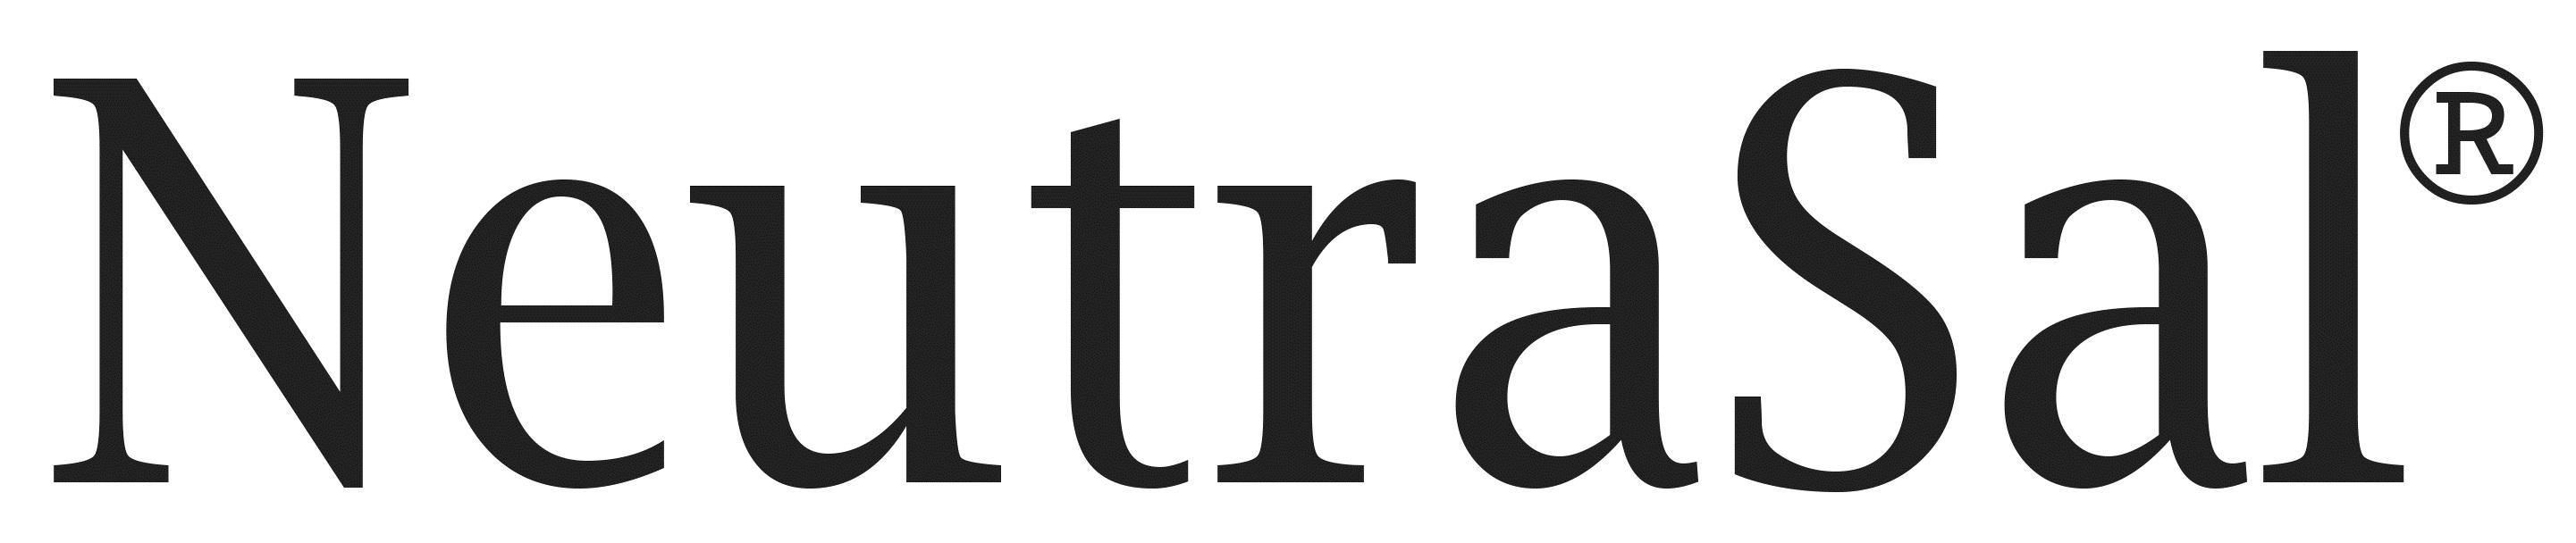 NeutraSal